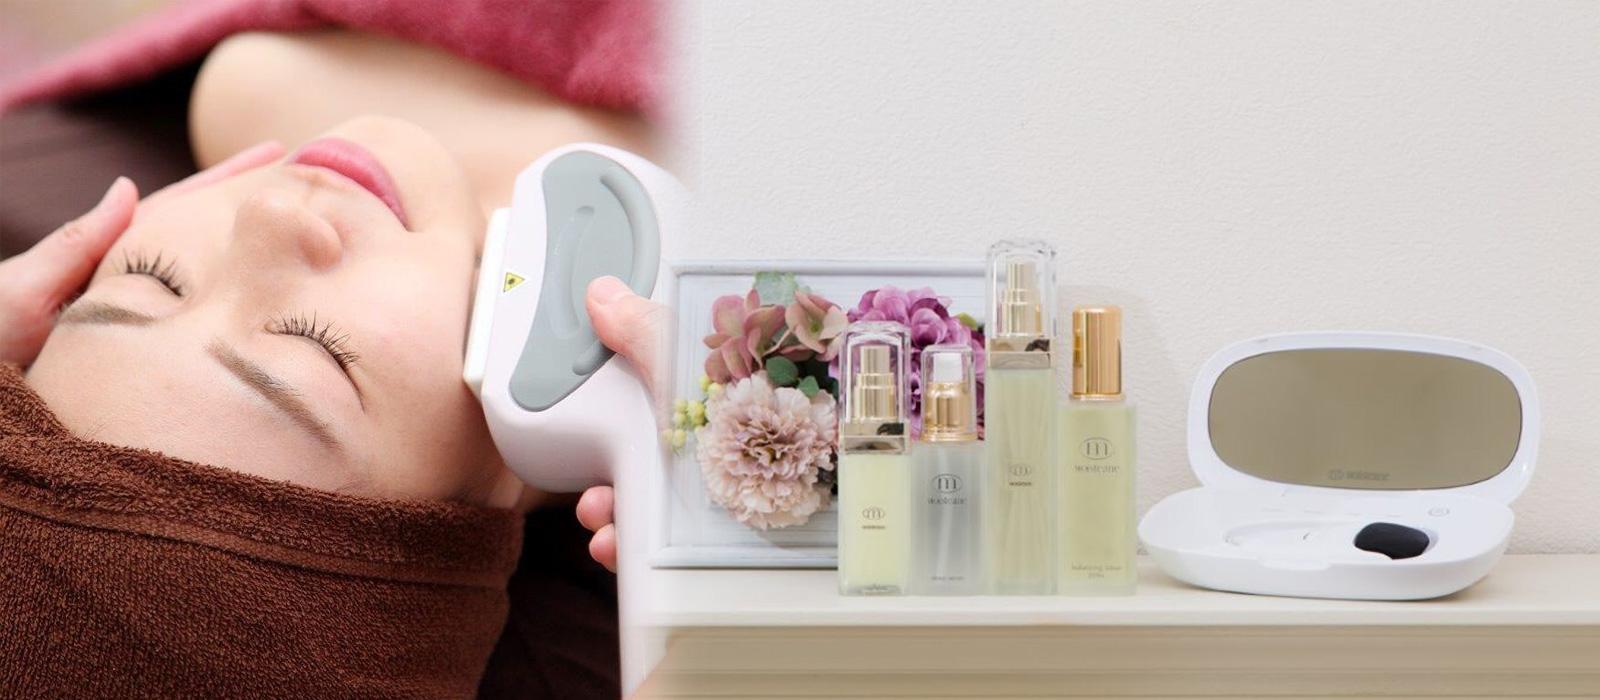 Beauty Salon 幸せの空間CoCo.